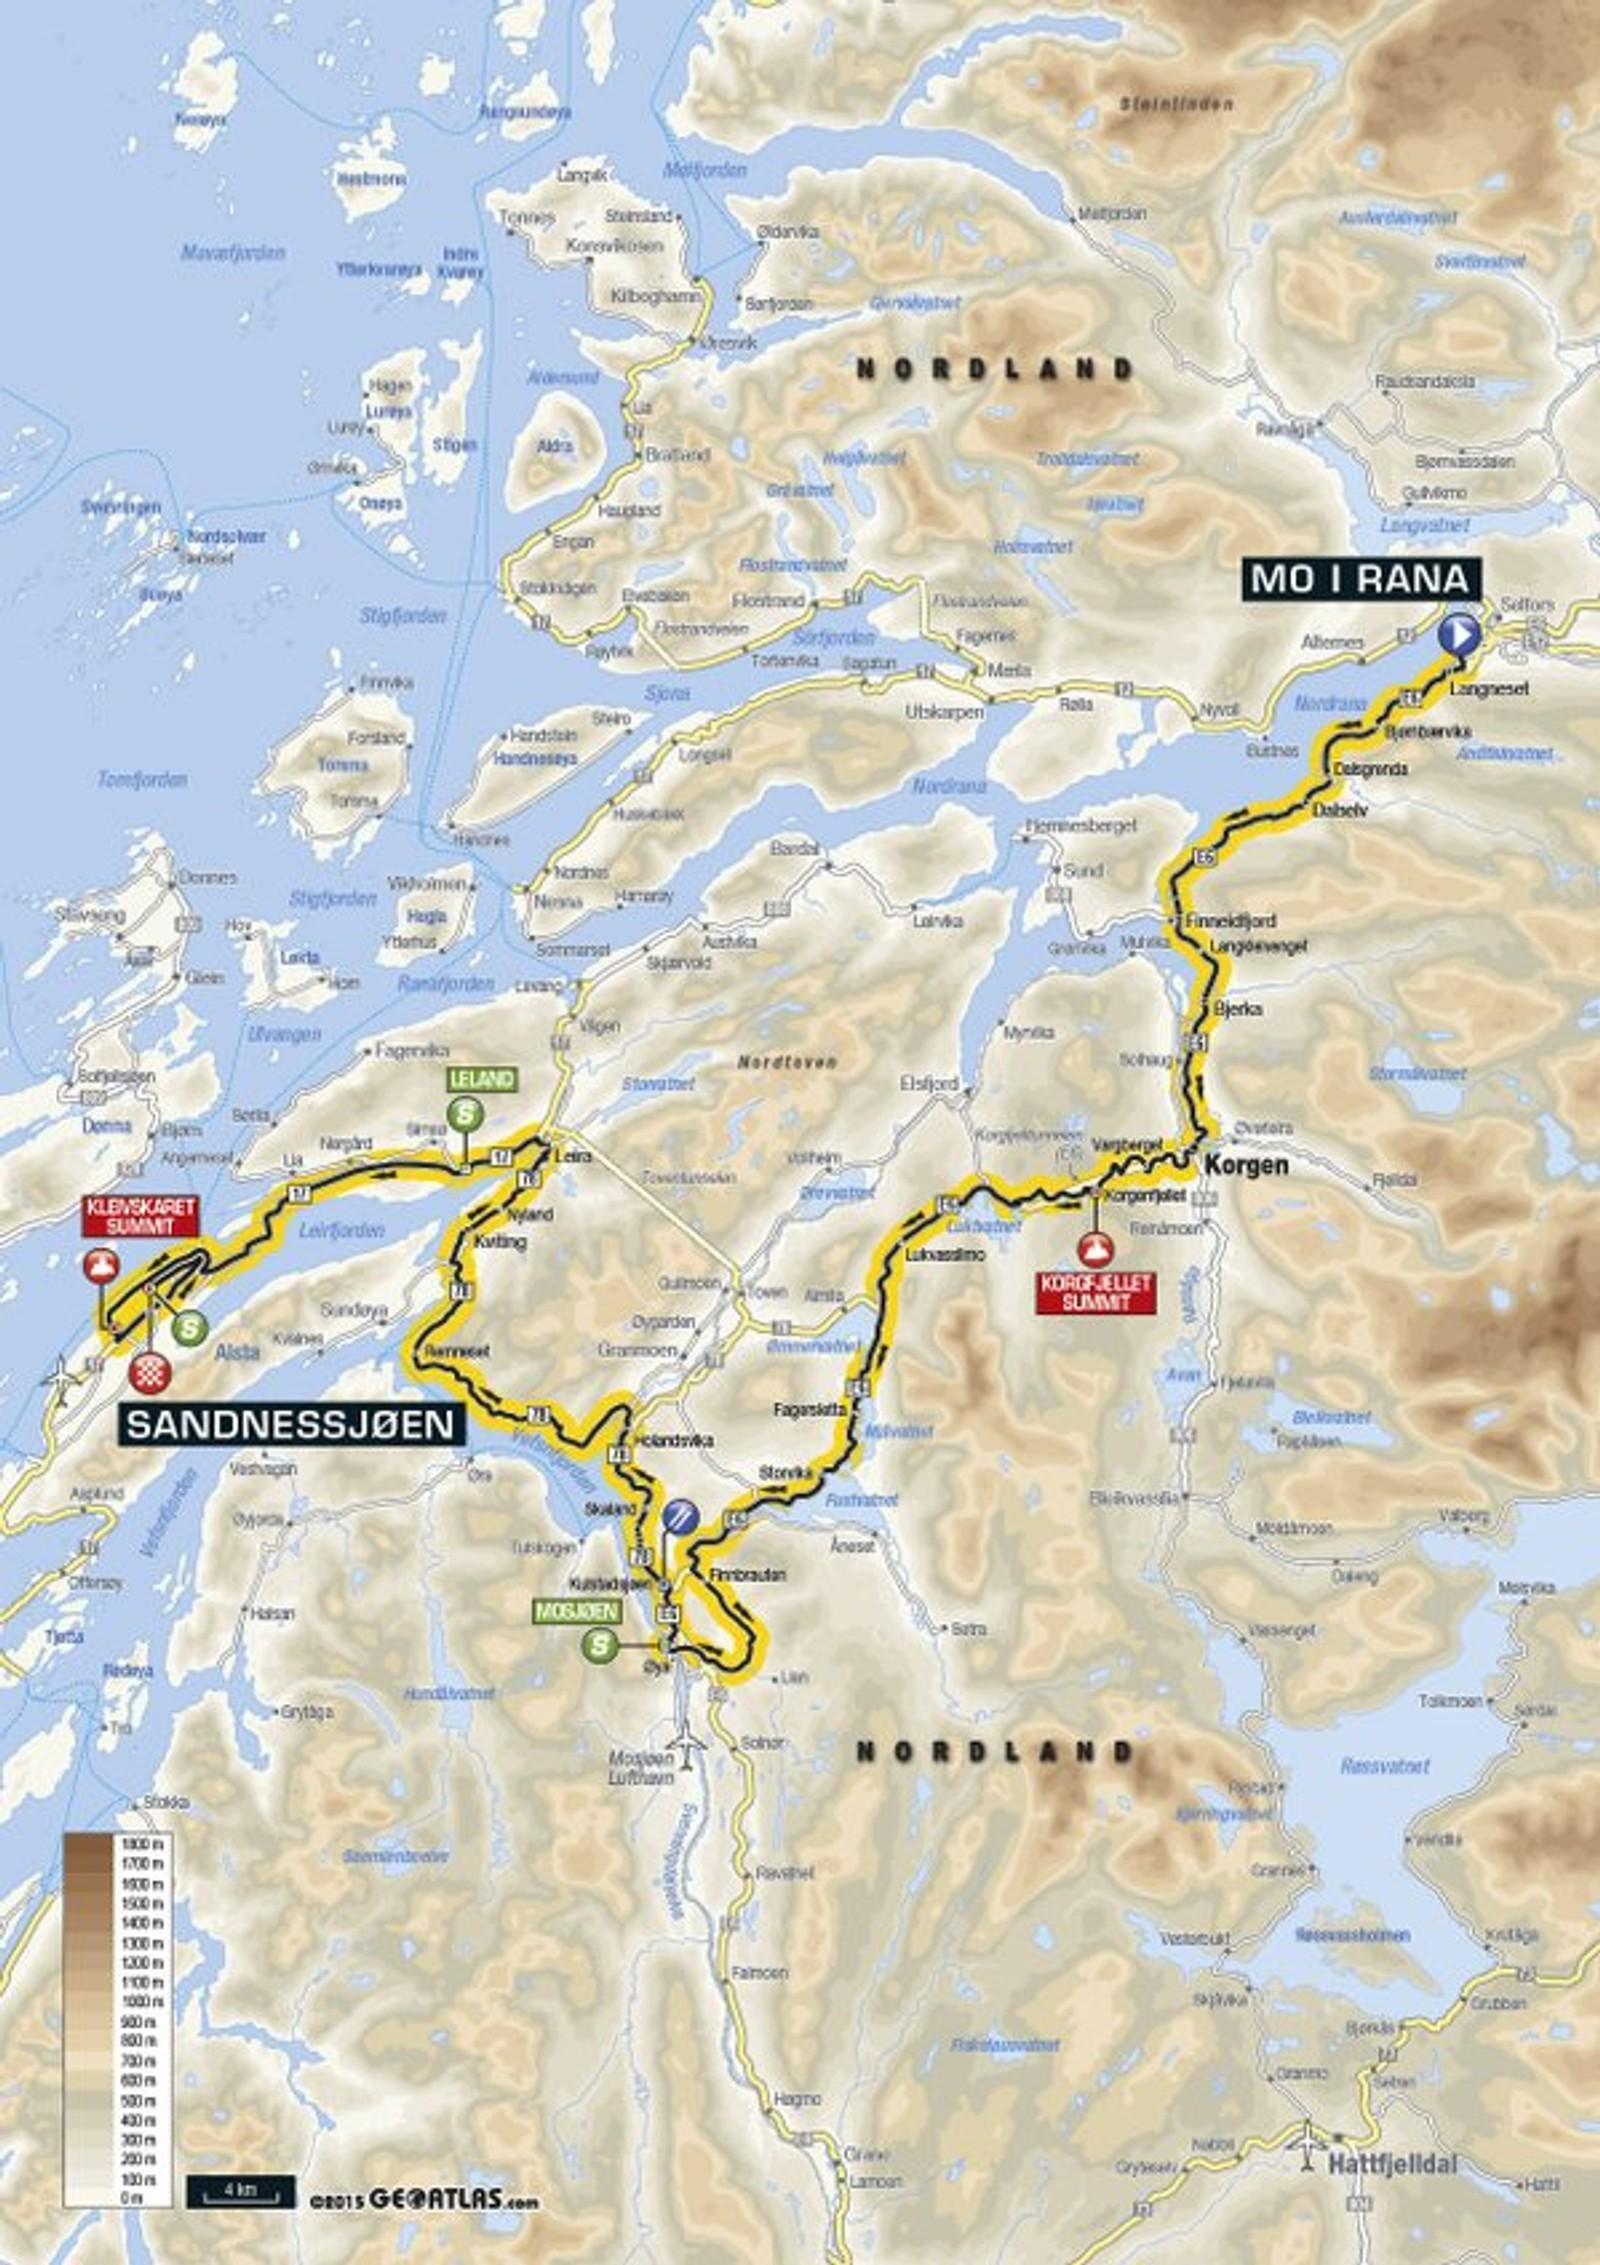 Andre etappe Mo i Rana - Sandnessjøen er på 198 kilometer. På denne etappen vil rytterne krysse Polarsirkelen.